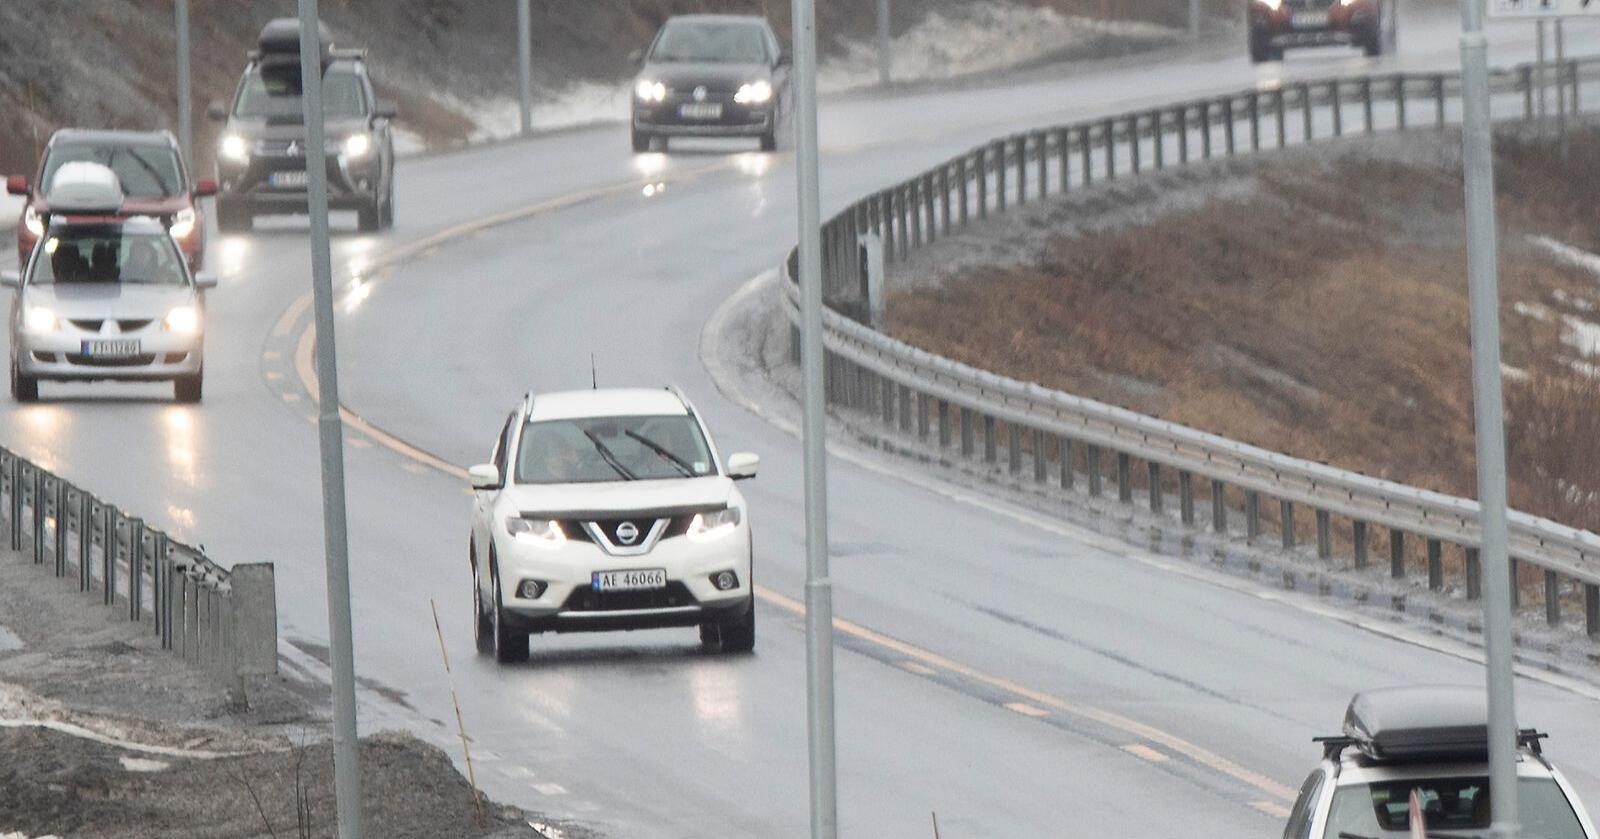 Det kjører fortsatt biler på norske veier som ikke er forsikret. Illustrasjonsfoto: Geir Olsen / NTB scanpix